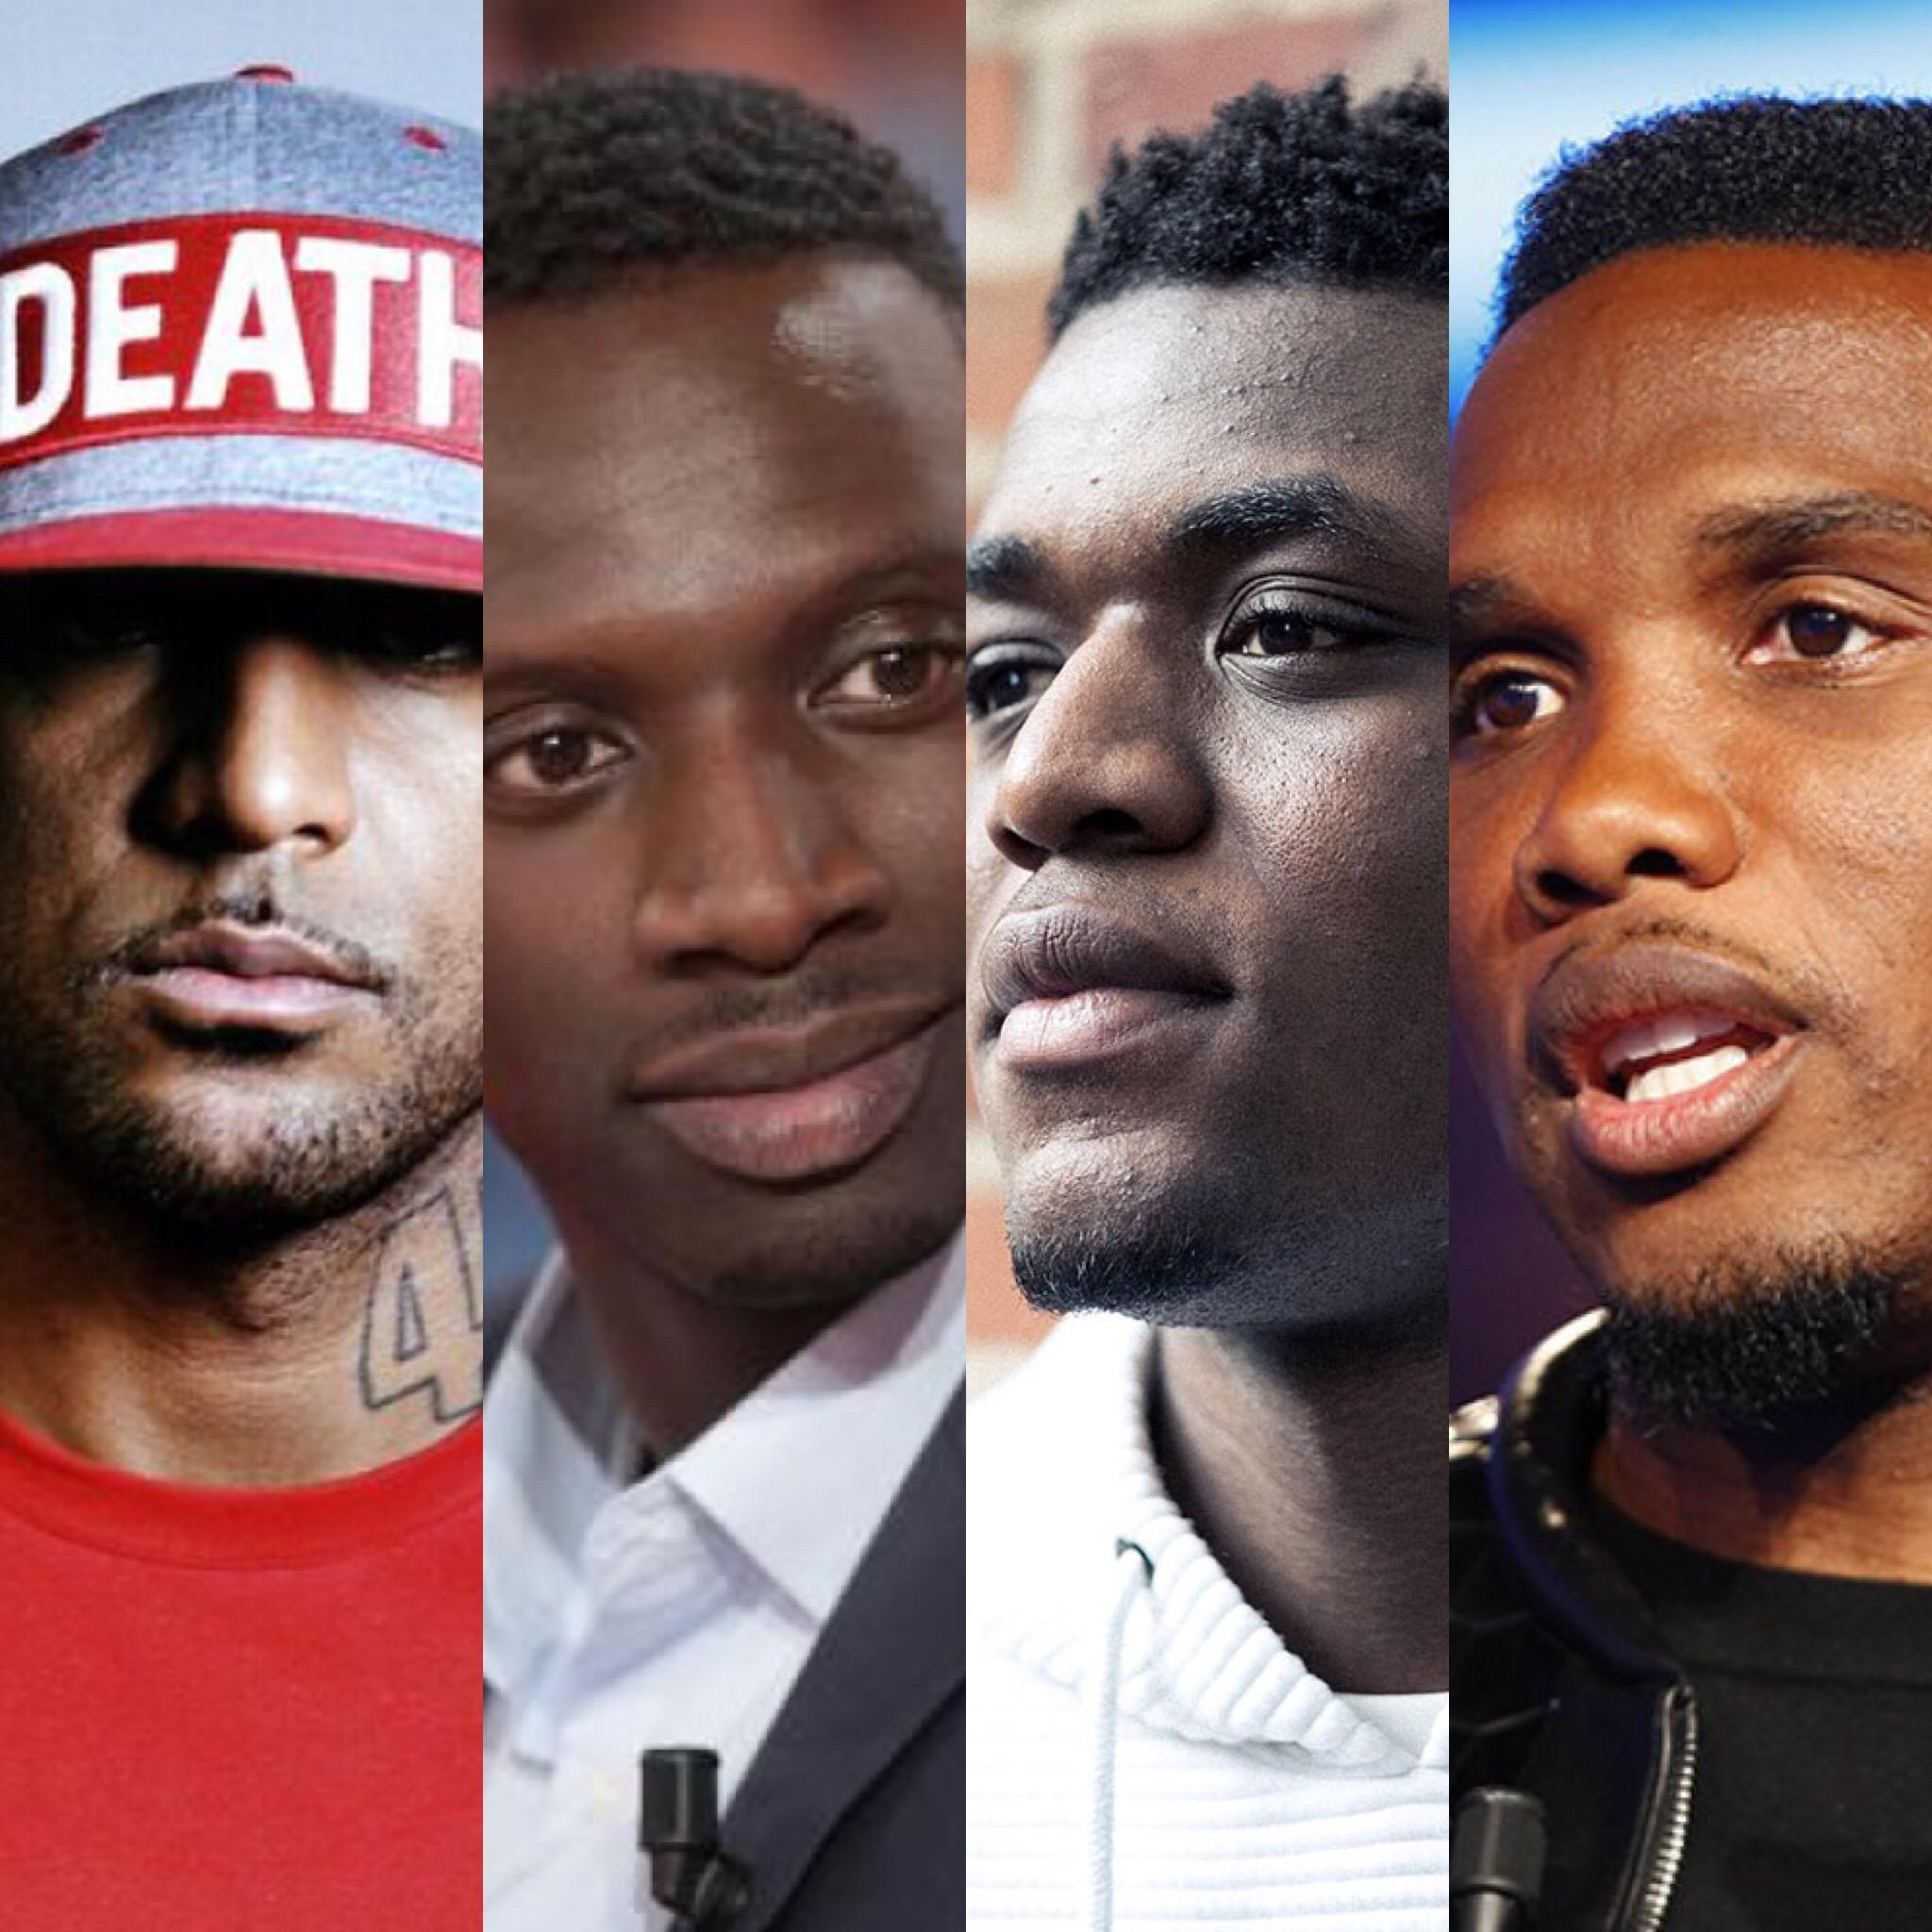 Quand les personnalités noires prennent position contre l'esclavage en Libye